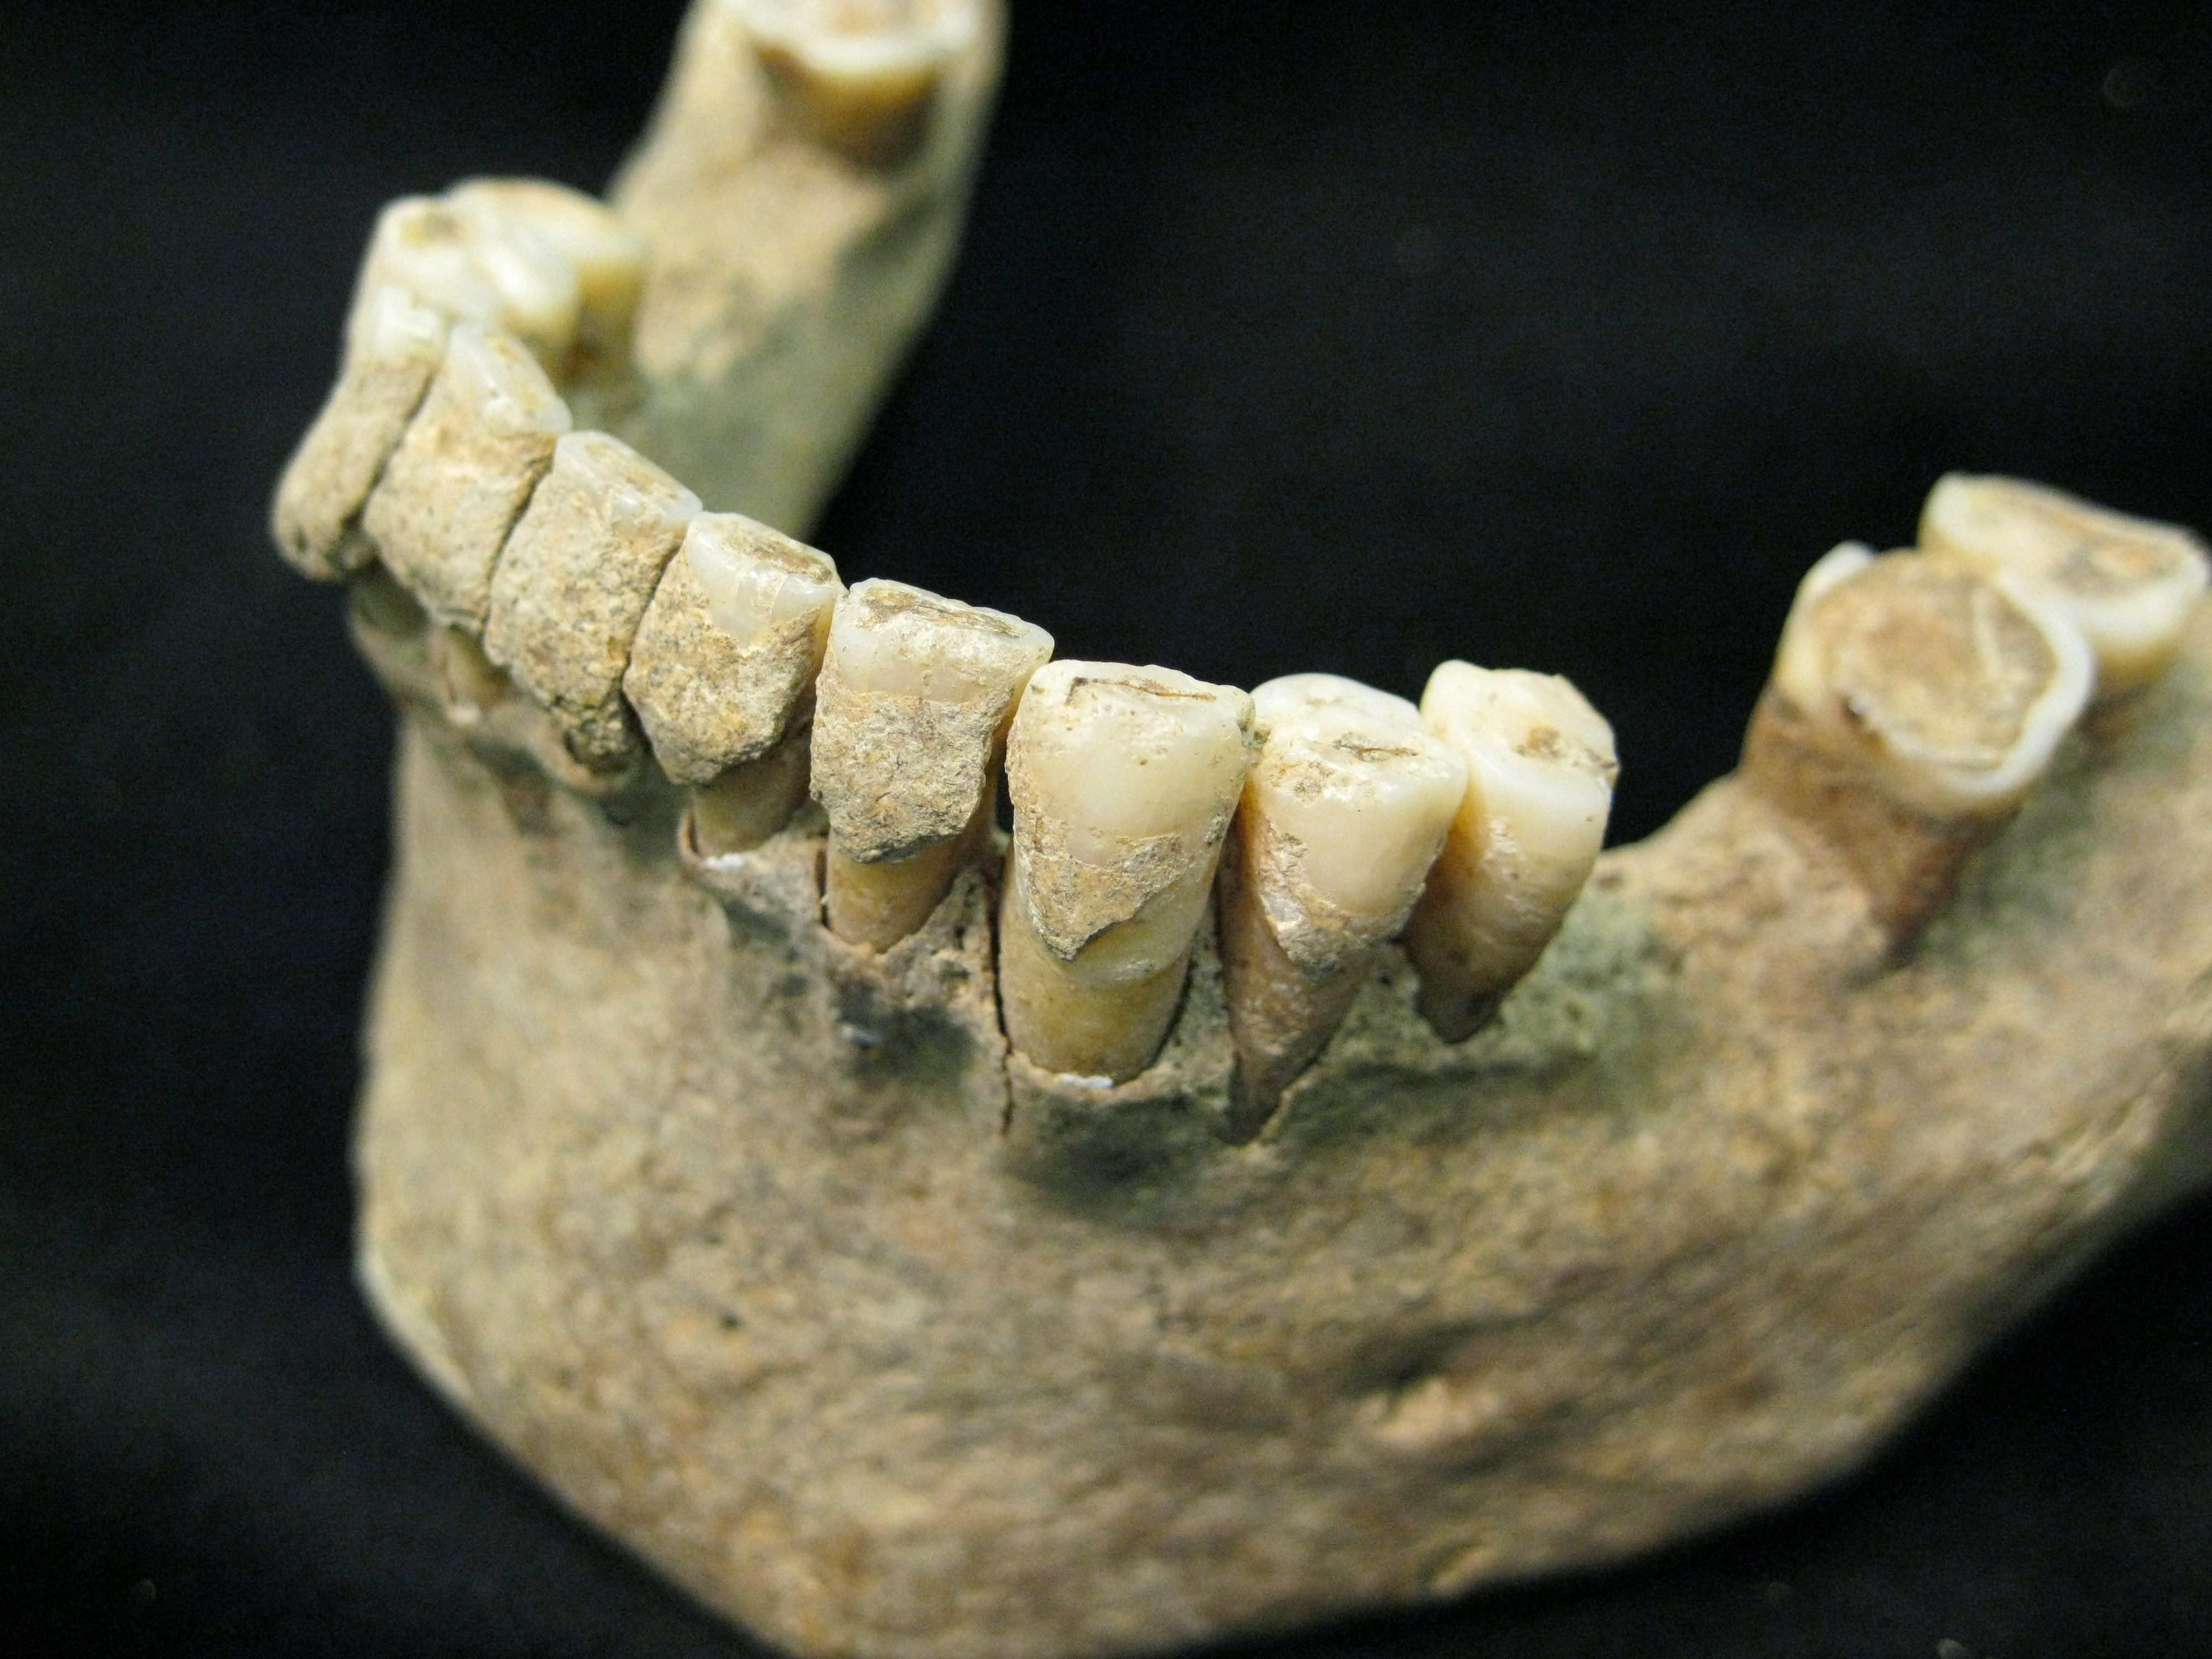 Placa dental fosilizada (cálculo) en dientes de un hombre de mediana edad del asentamiento medieval de Dalheim, Alemania. Imagen: Christina Warinner. Fuente: Universidad de York.